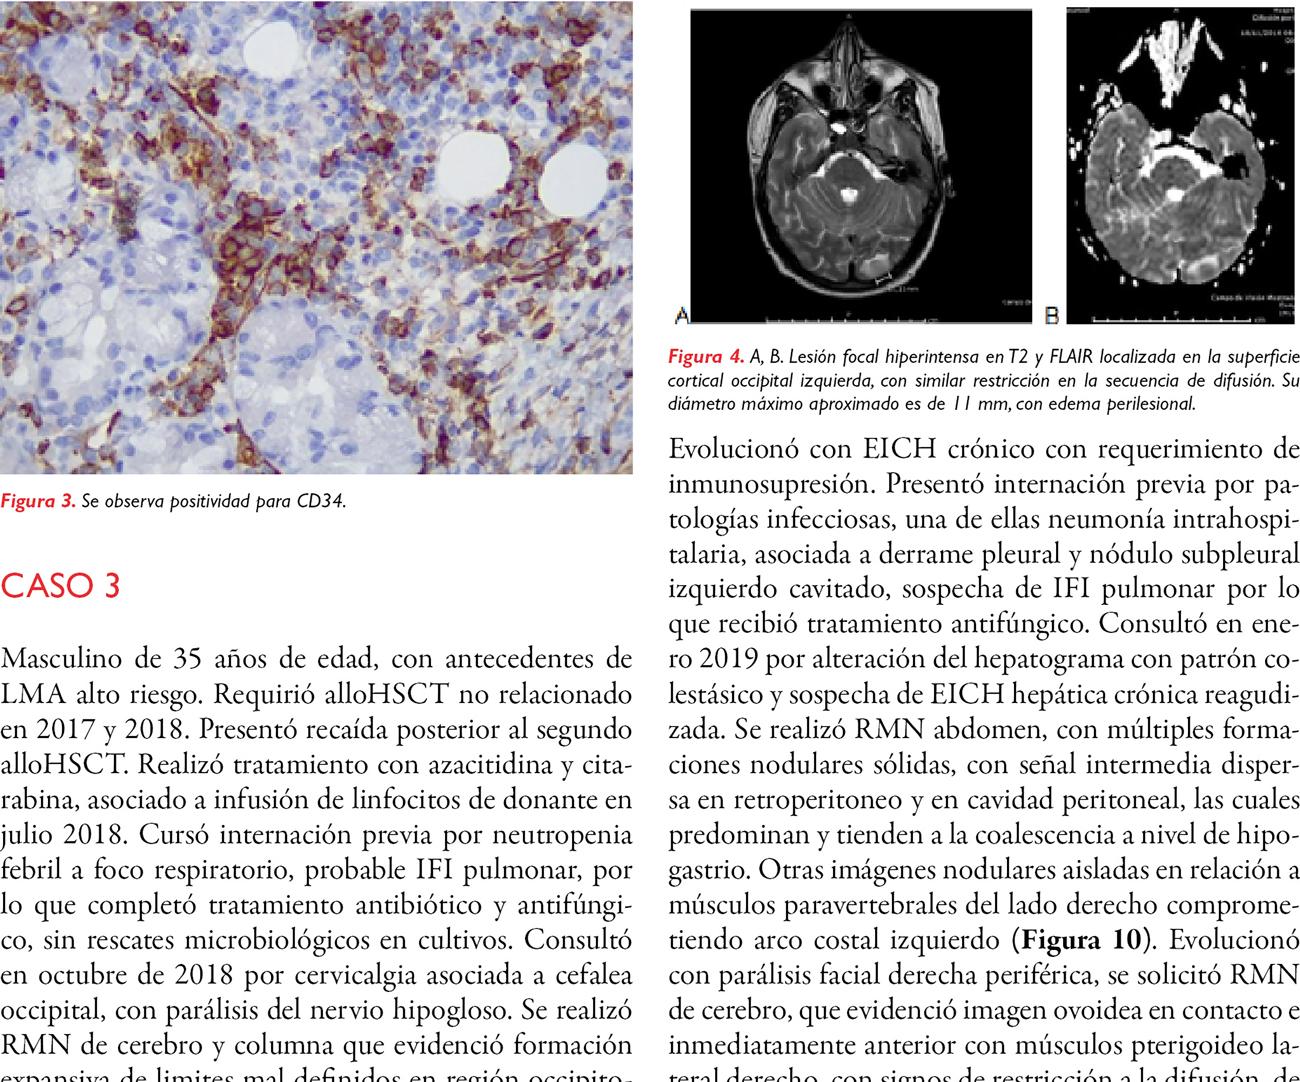 Sarcoma mieloide como recaída de leucemia mieloide aguda